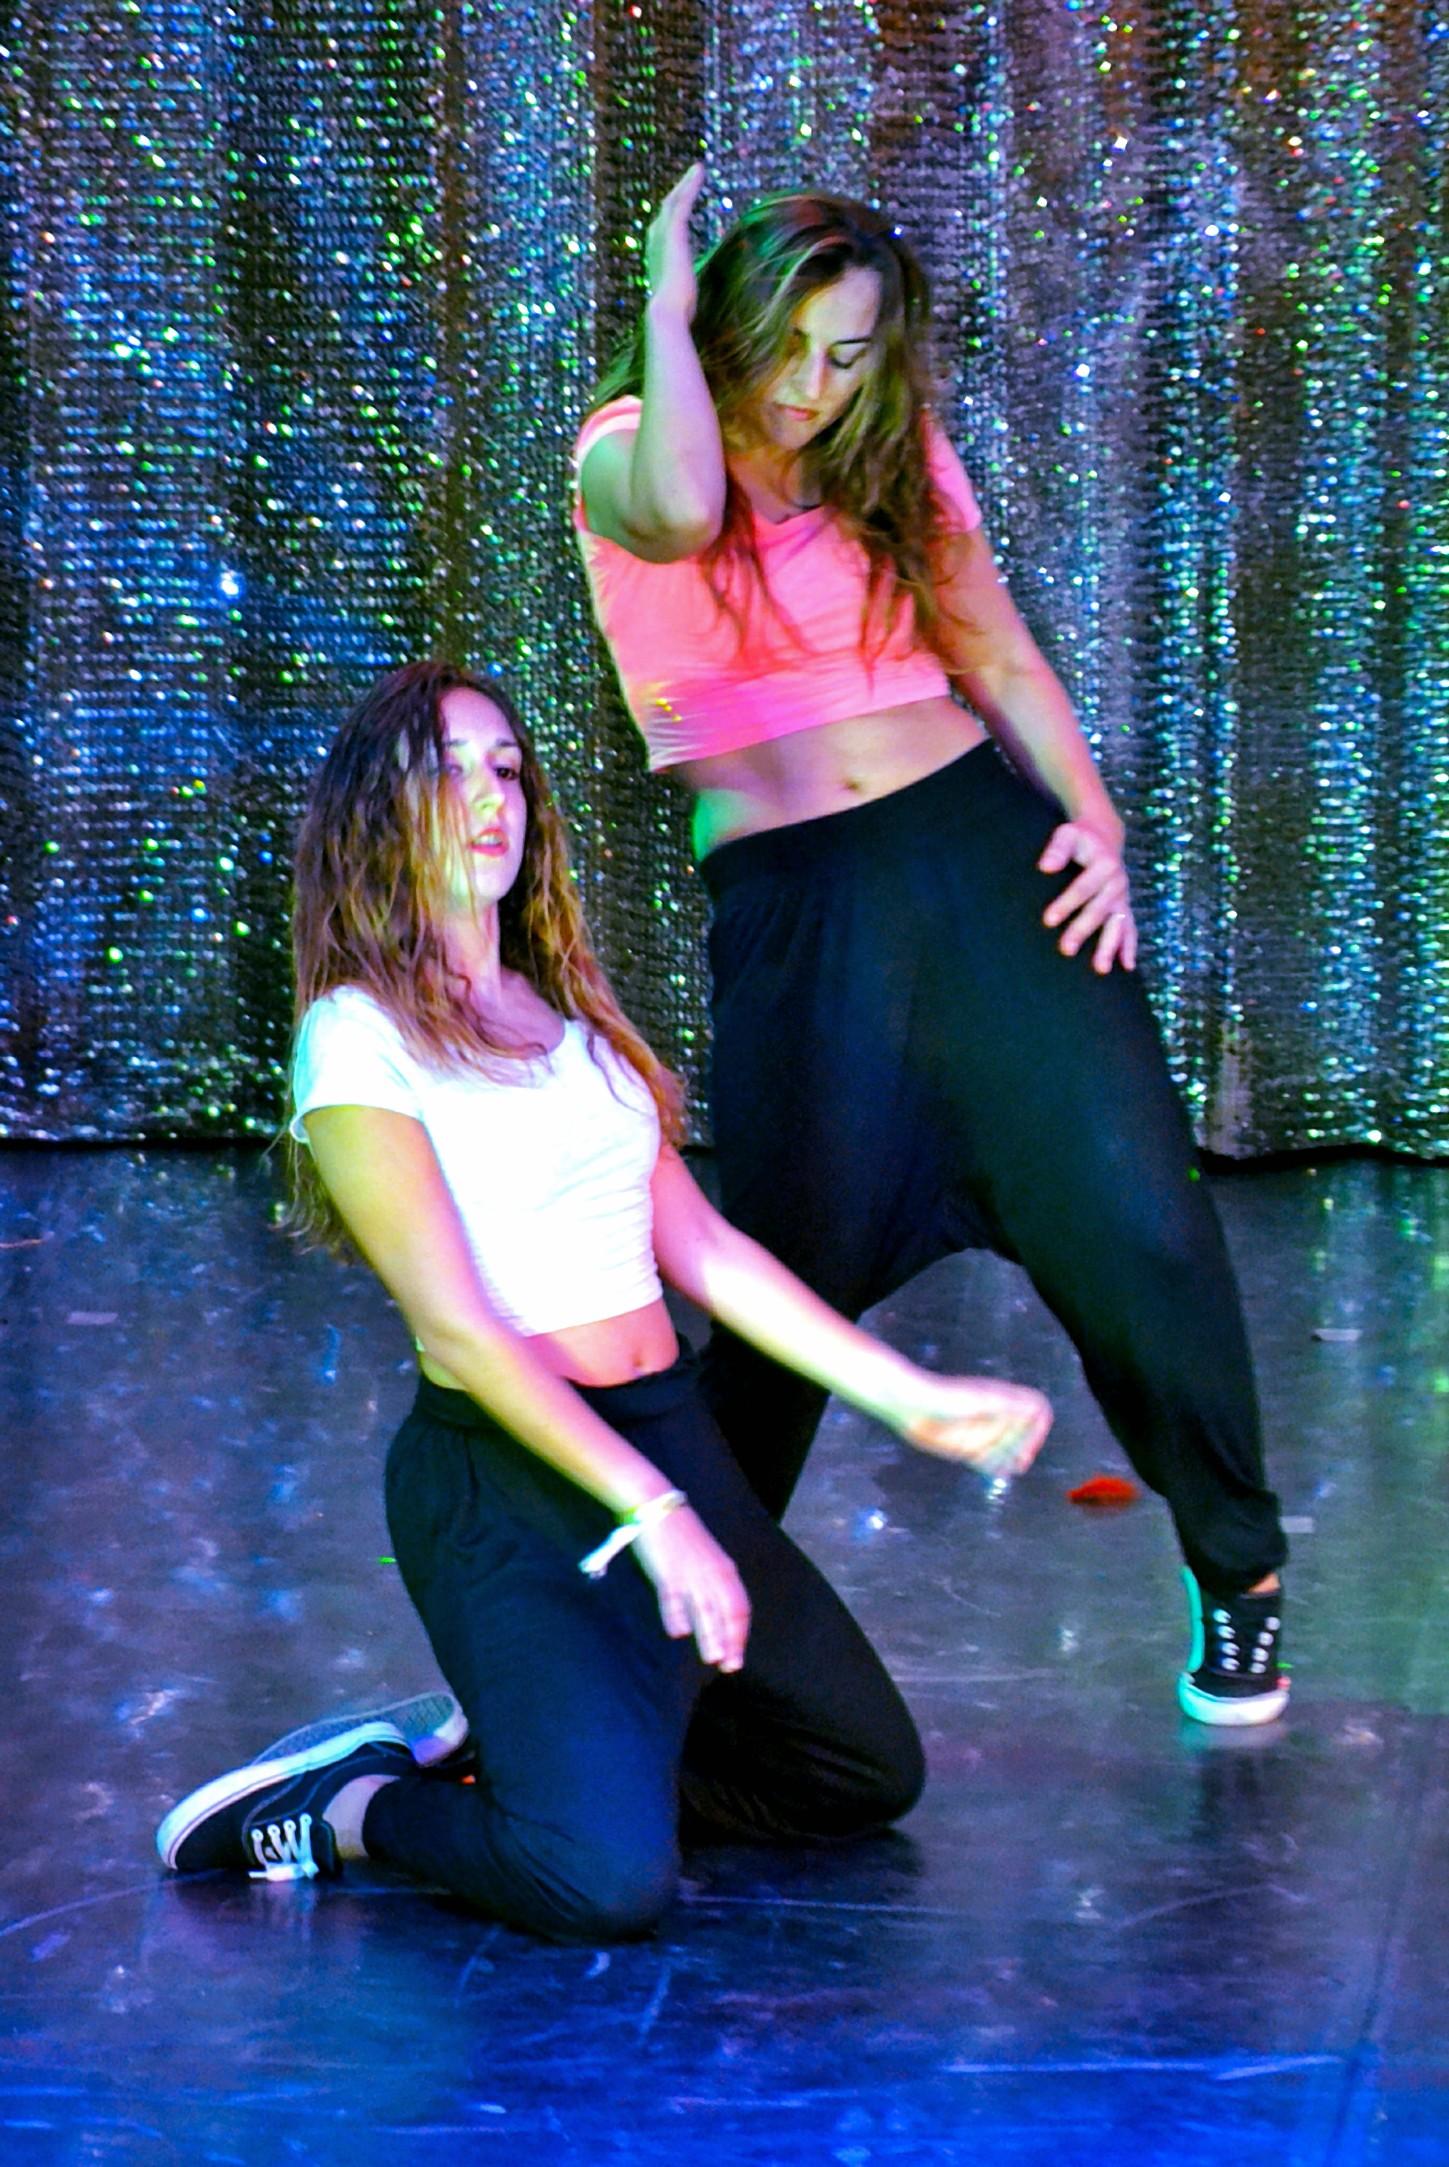 Linea-de-Baile-festival-verano-2015-clases-de-baile-valencia-12